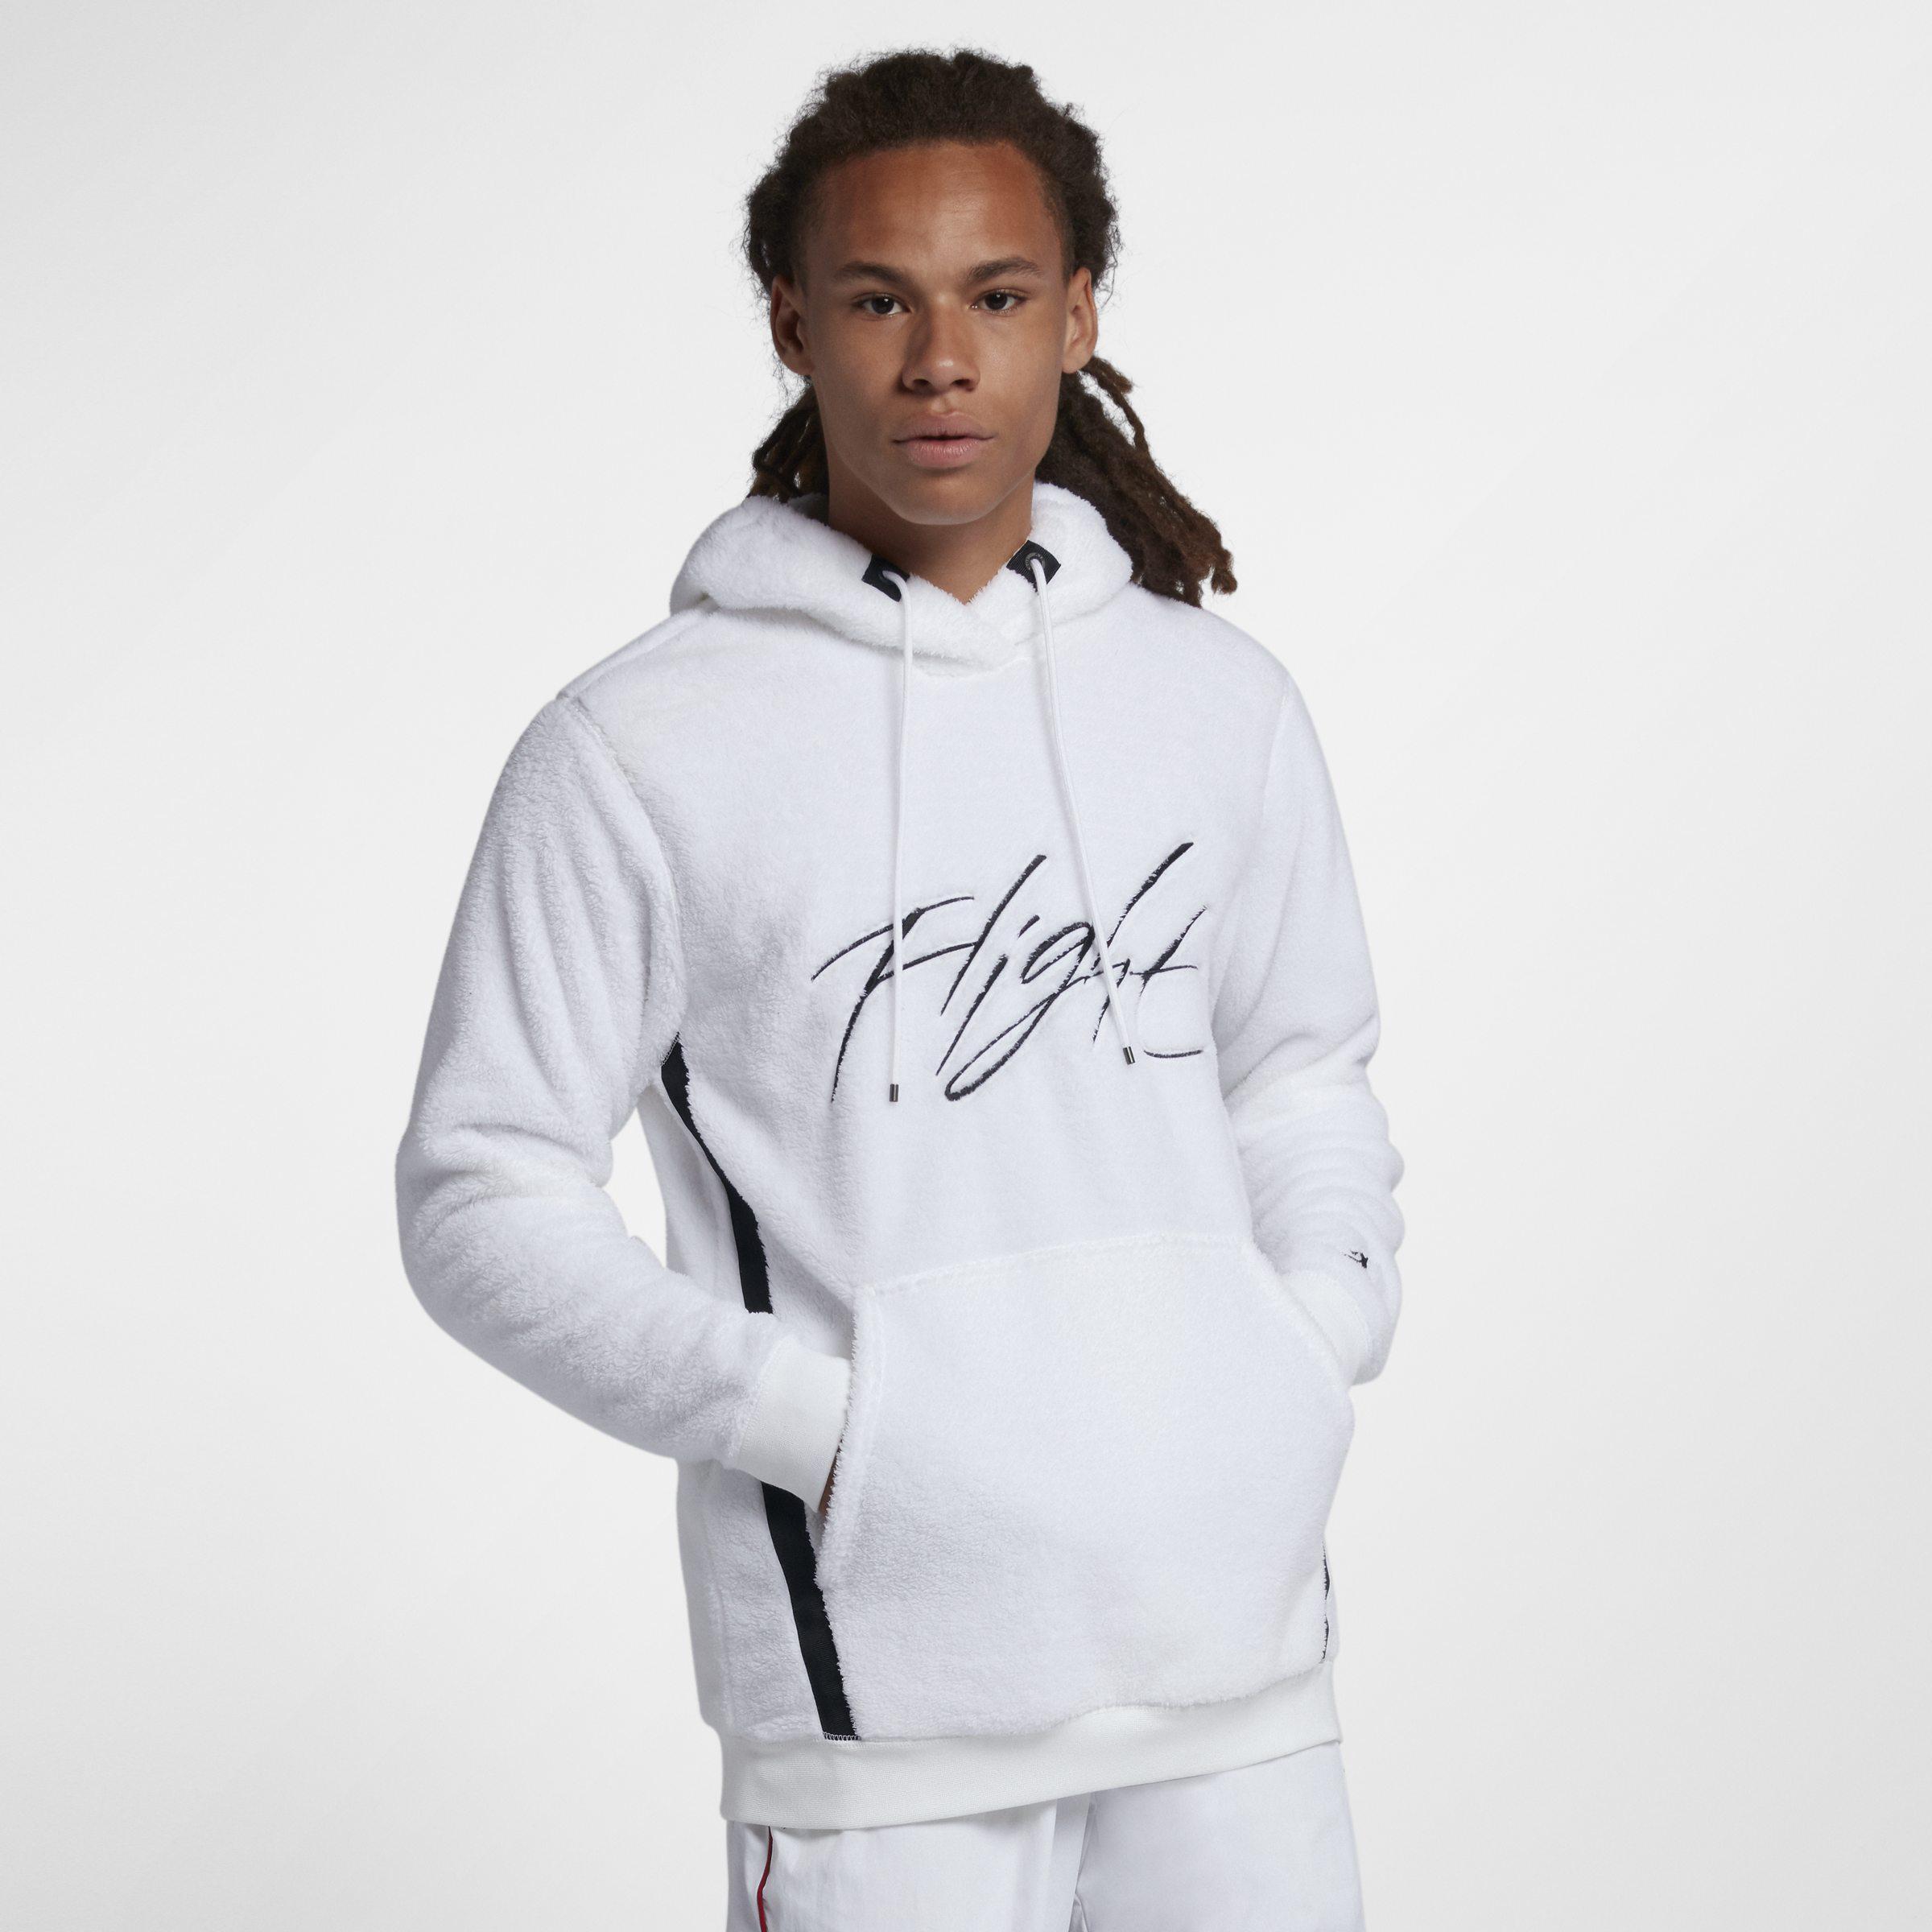 9633c14a218c Nike Jordan Sportswear Wings Of Flight Sherpa Pullover Hoodie in ...